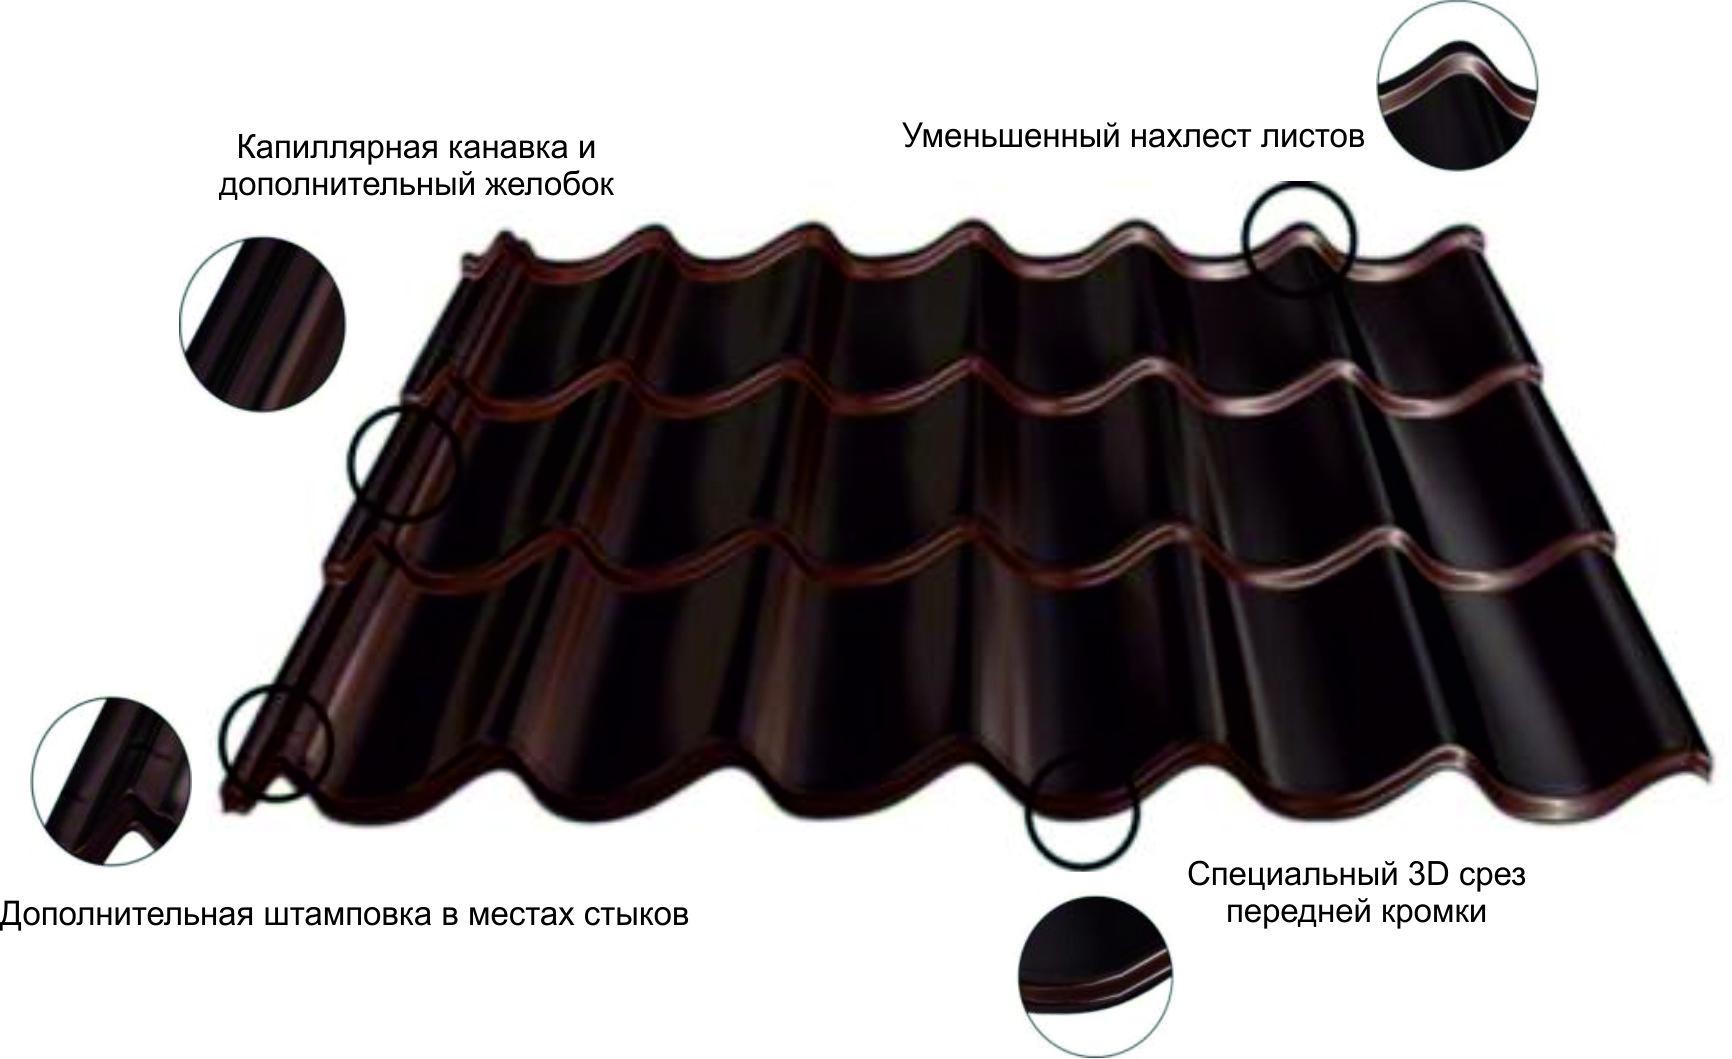 Металлочерепица купить Харьков